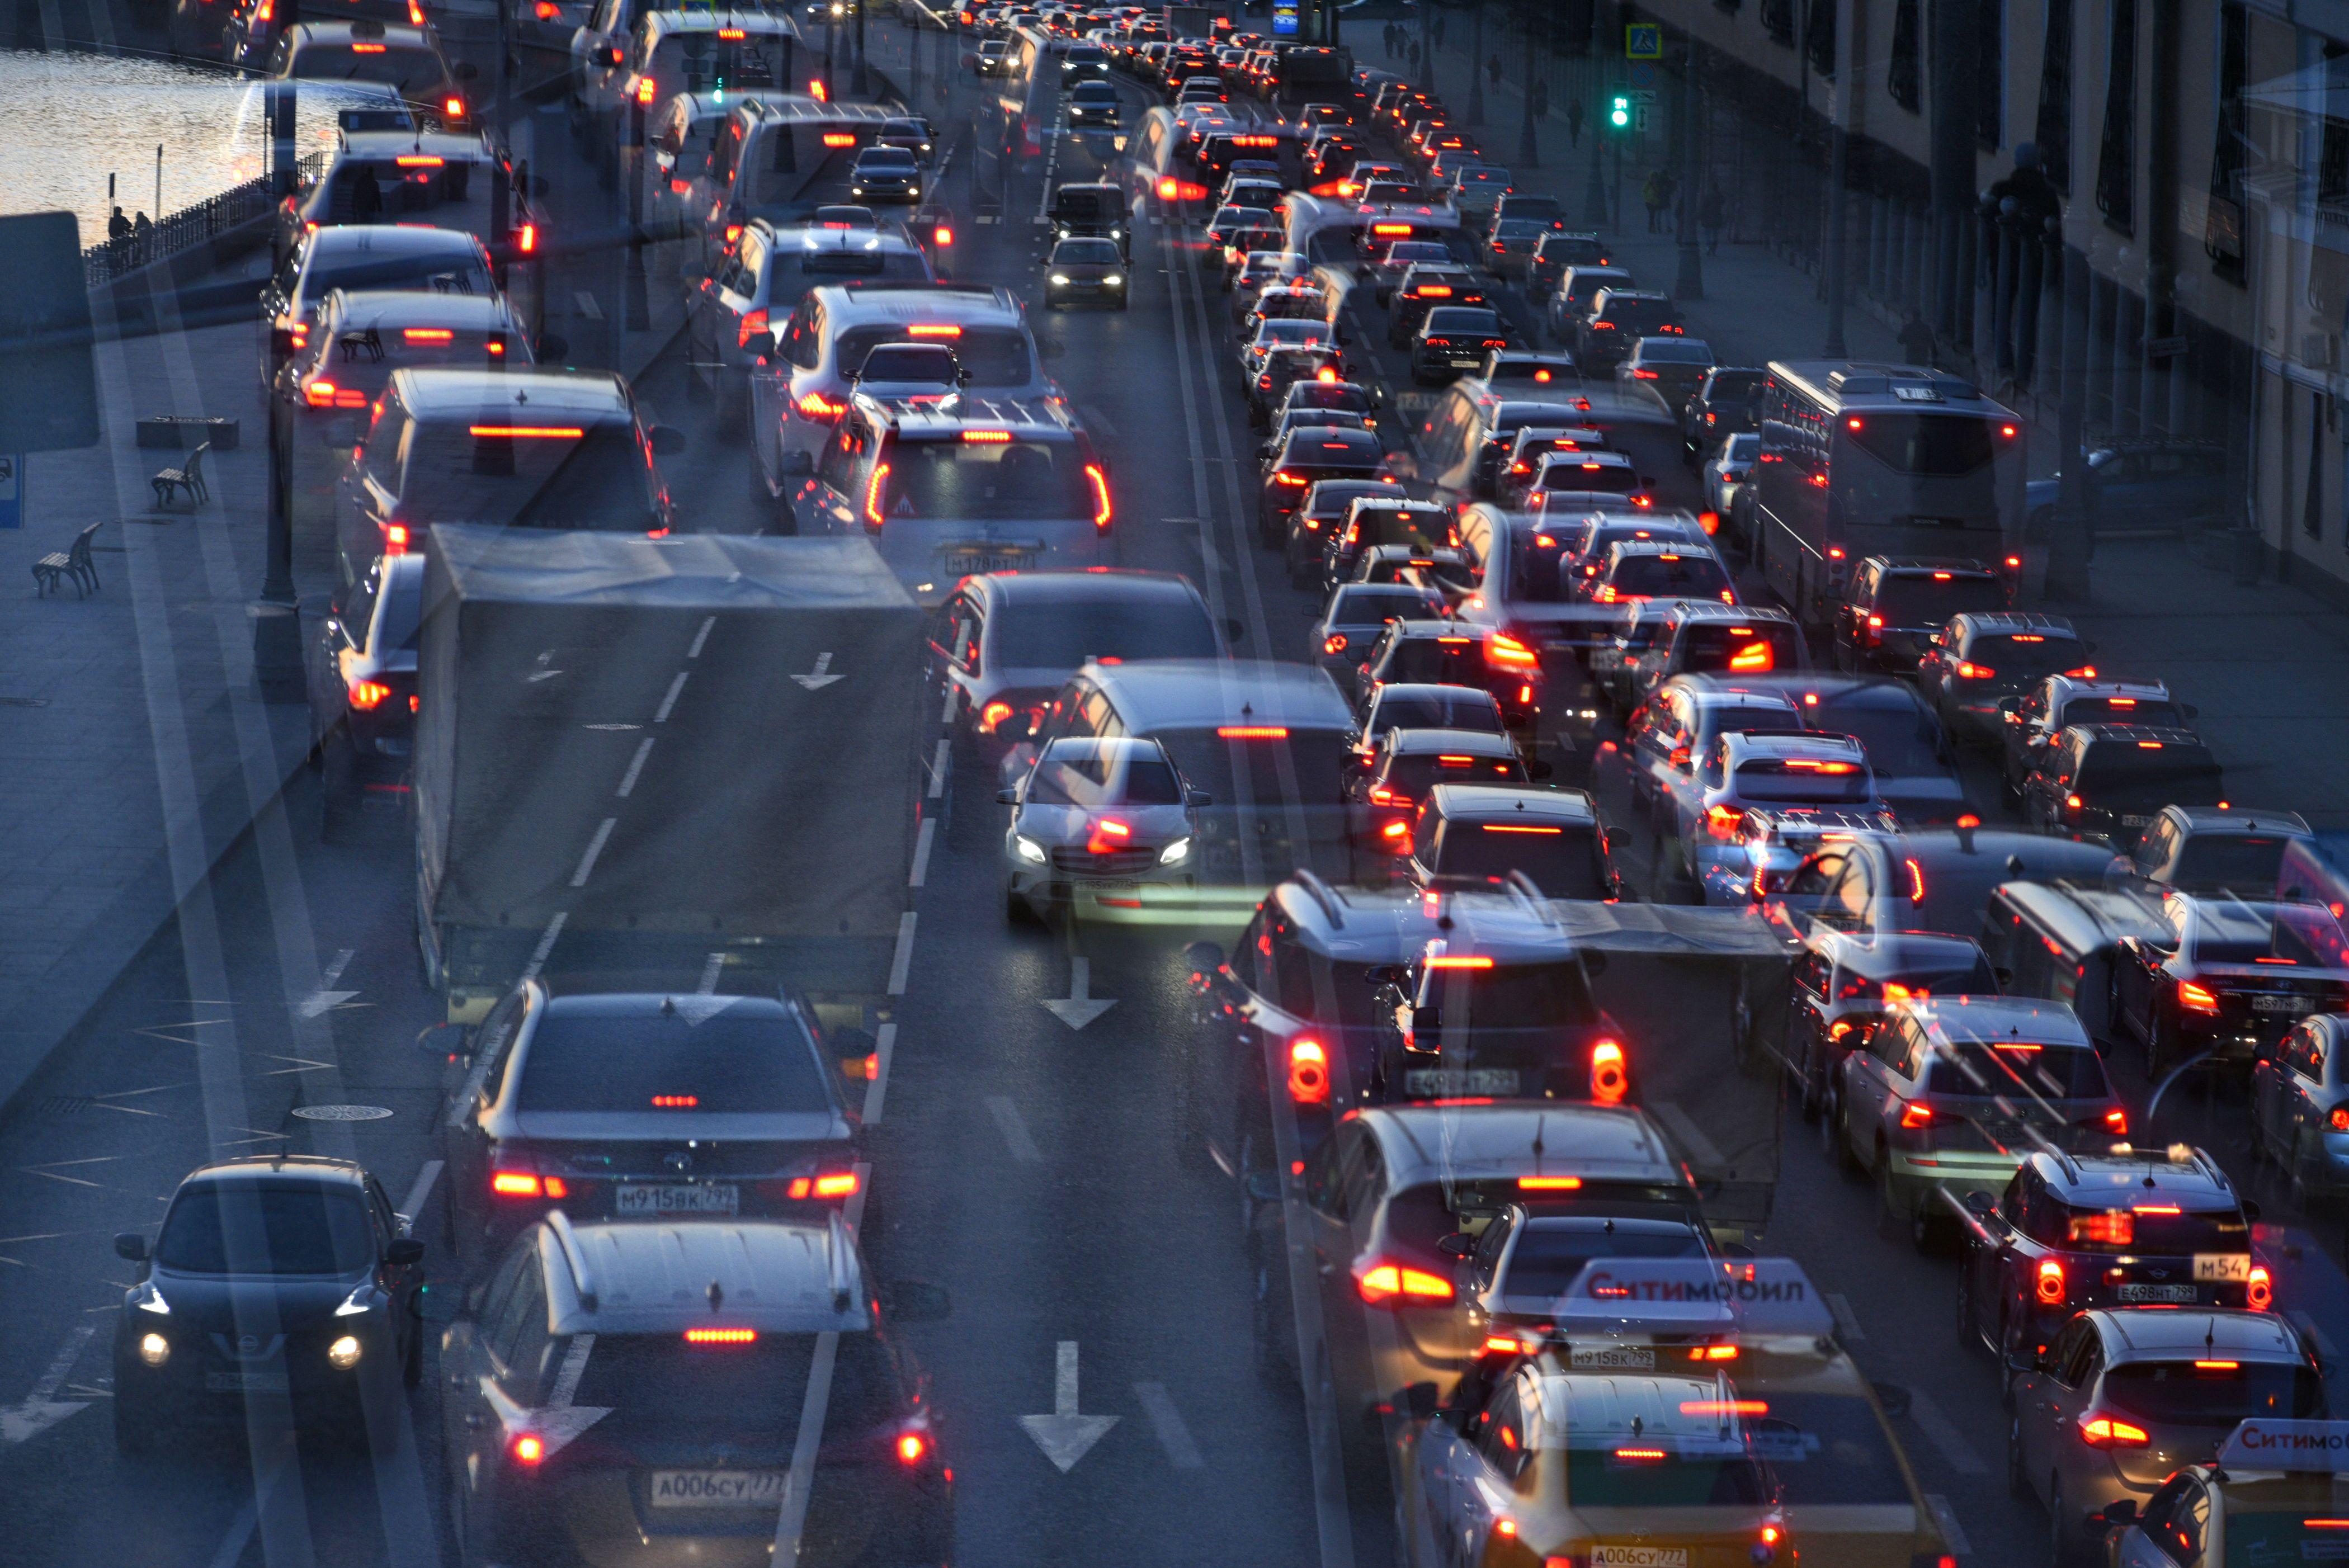 Количество автомобилей на дорогах увеличится в сентябре